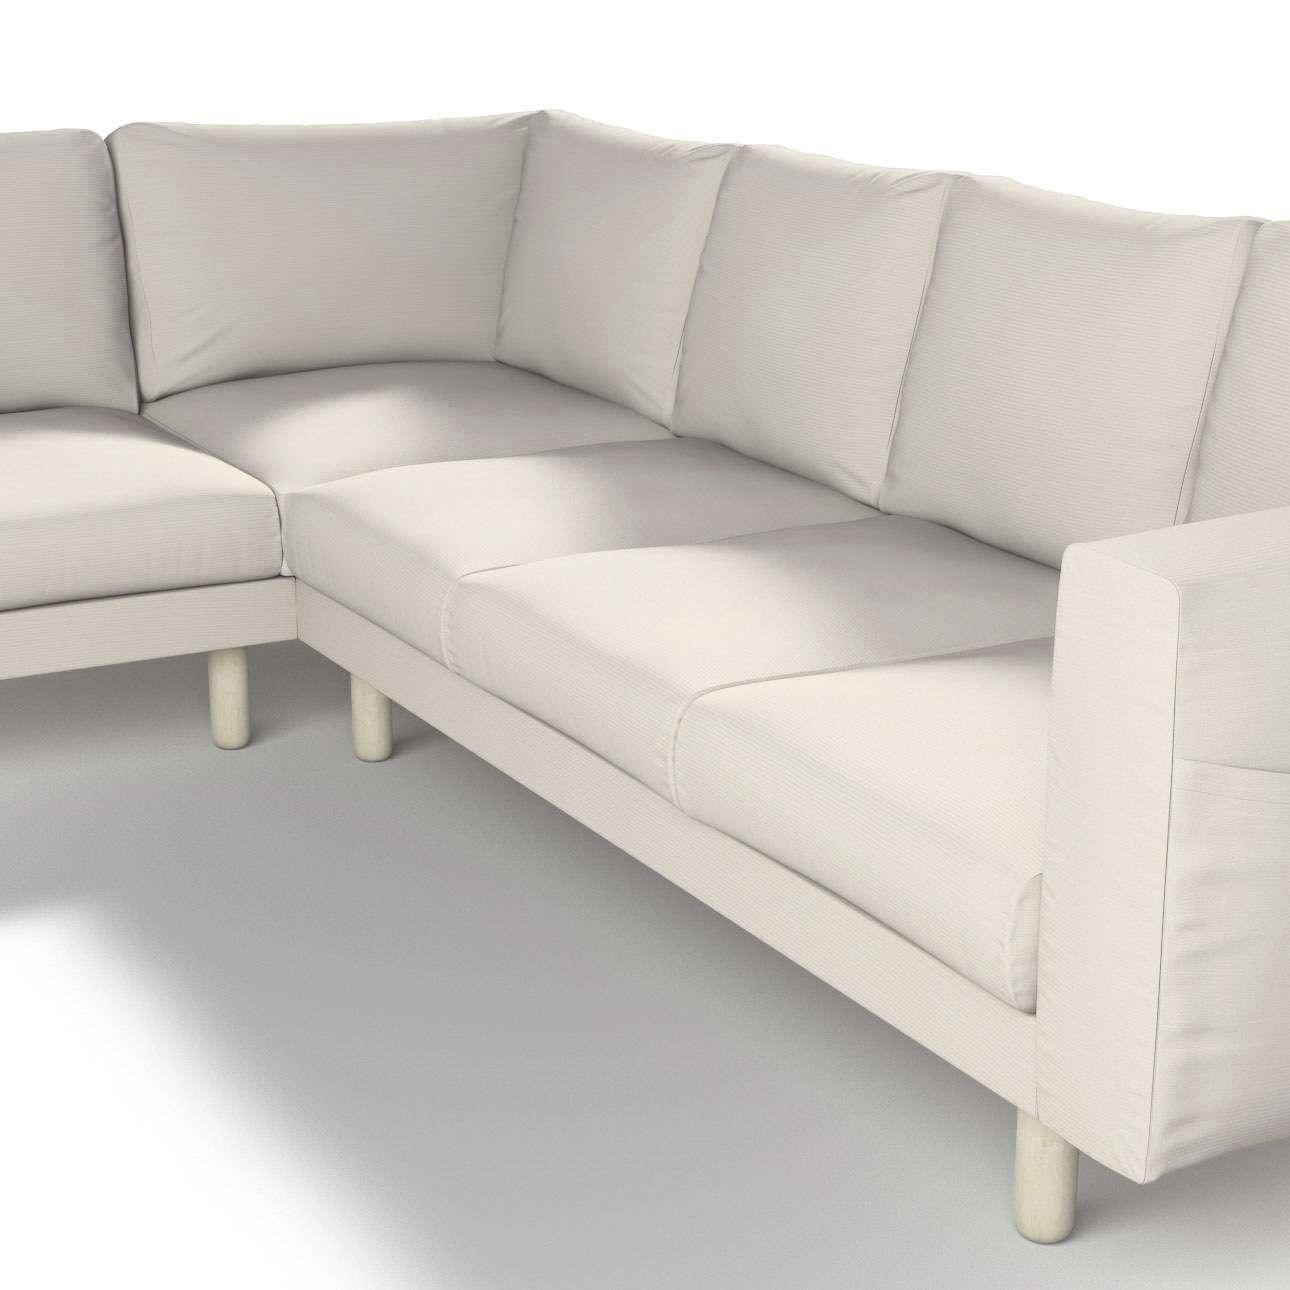 Pokrowiec na sofę narożną Norsborg 5-osobową w kolekcji Cotton Panama, tkanina: 702-31